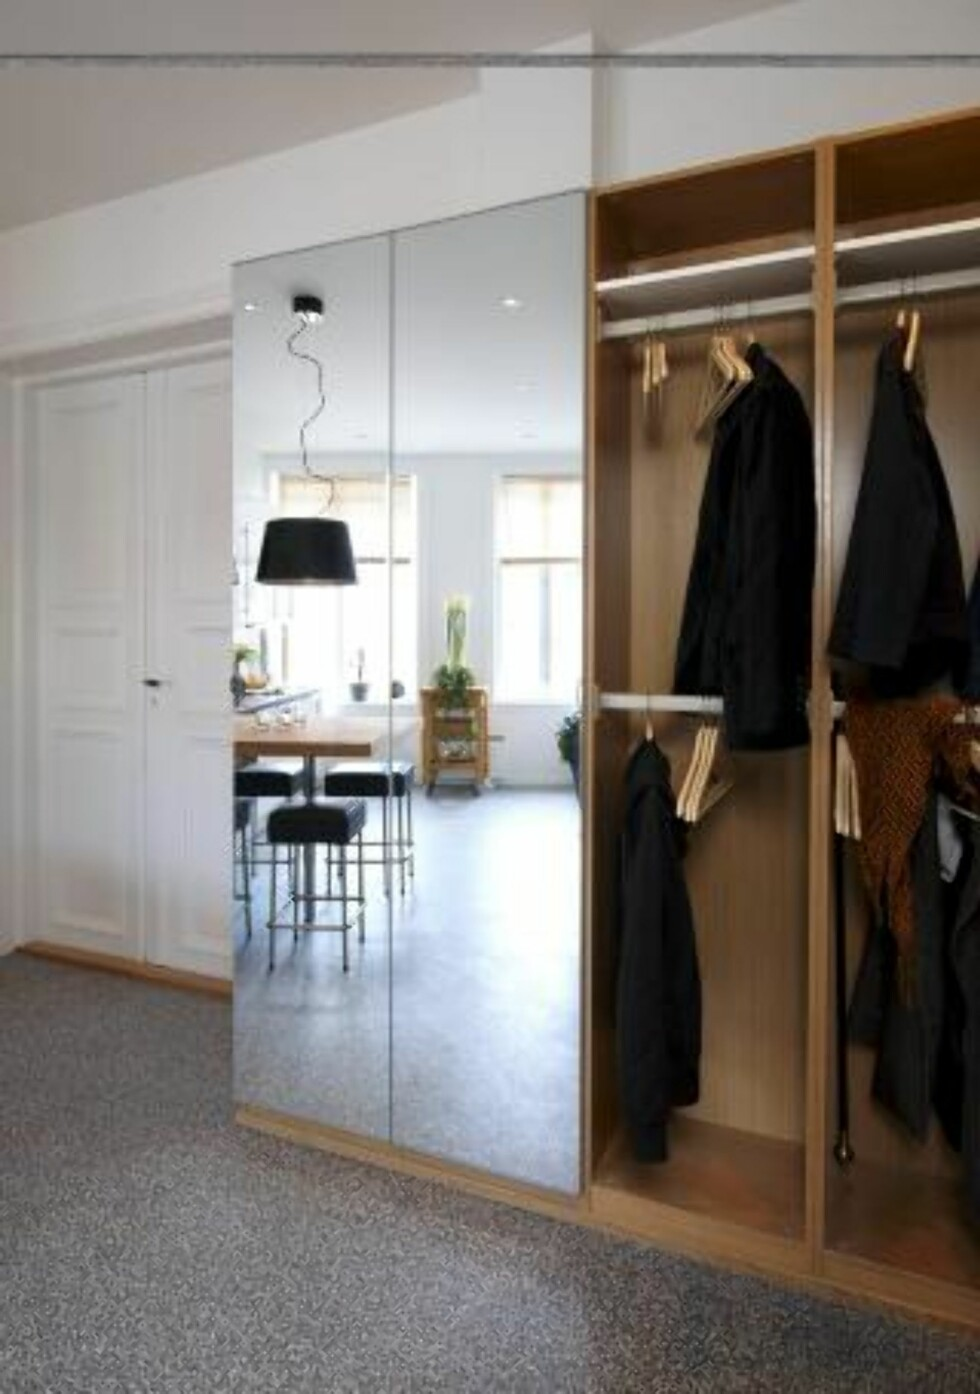 <strong>ROMFØLELSE:</strong> Speil ble valgt på garderobeskapet for å skape en større romfølelse. Foto: Espen Grønli